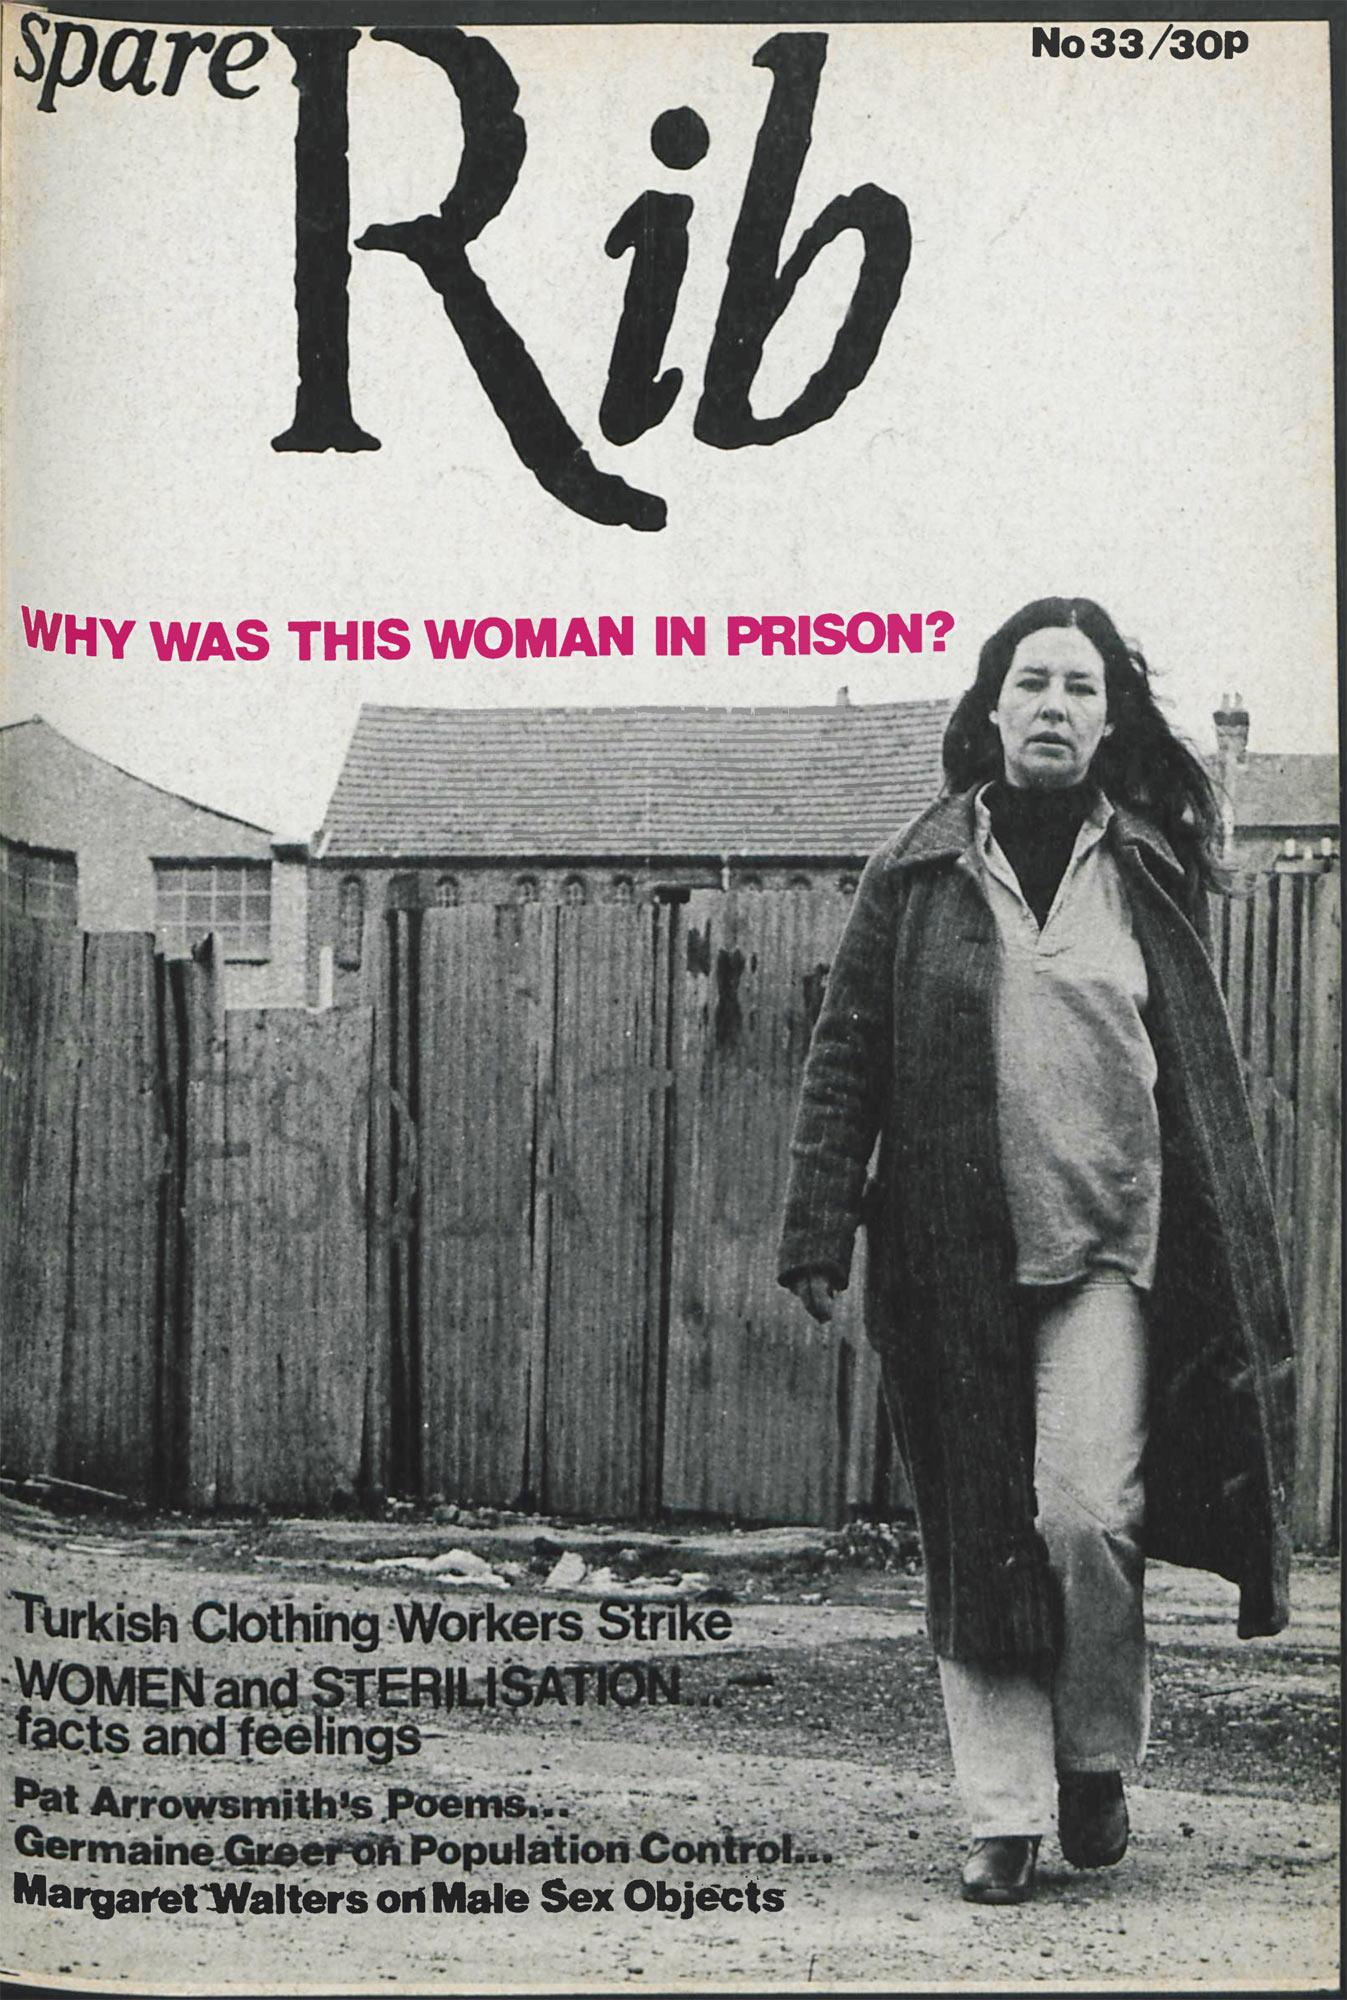 Spare Rib magazine issue 33 p. 1